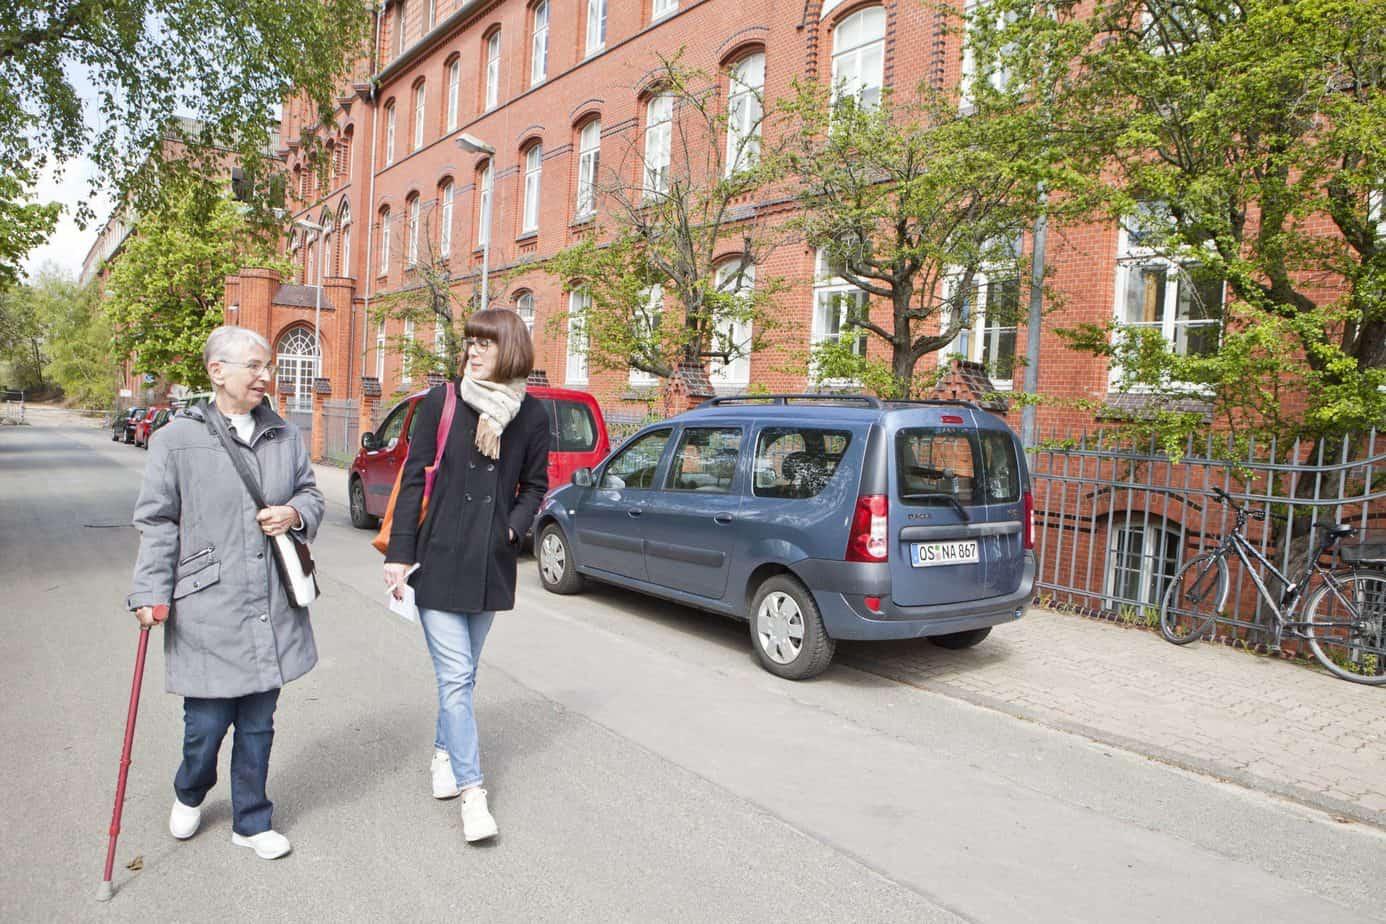 HAZ-Volontärin Linda Tonn macht mit der ehemaligen Conti-Mitarbeiterin Helgard Gross einen rundgang über das alte Conti-Gelände.